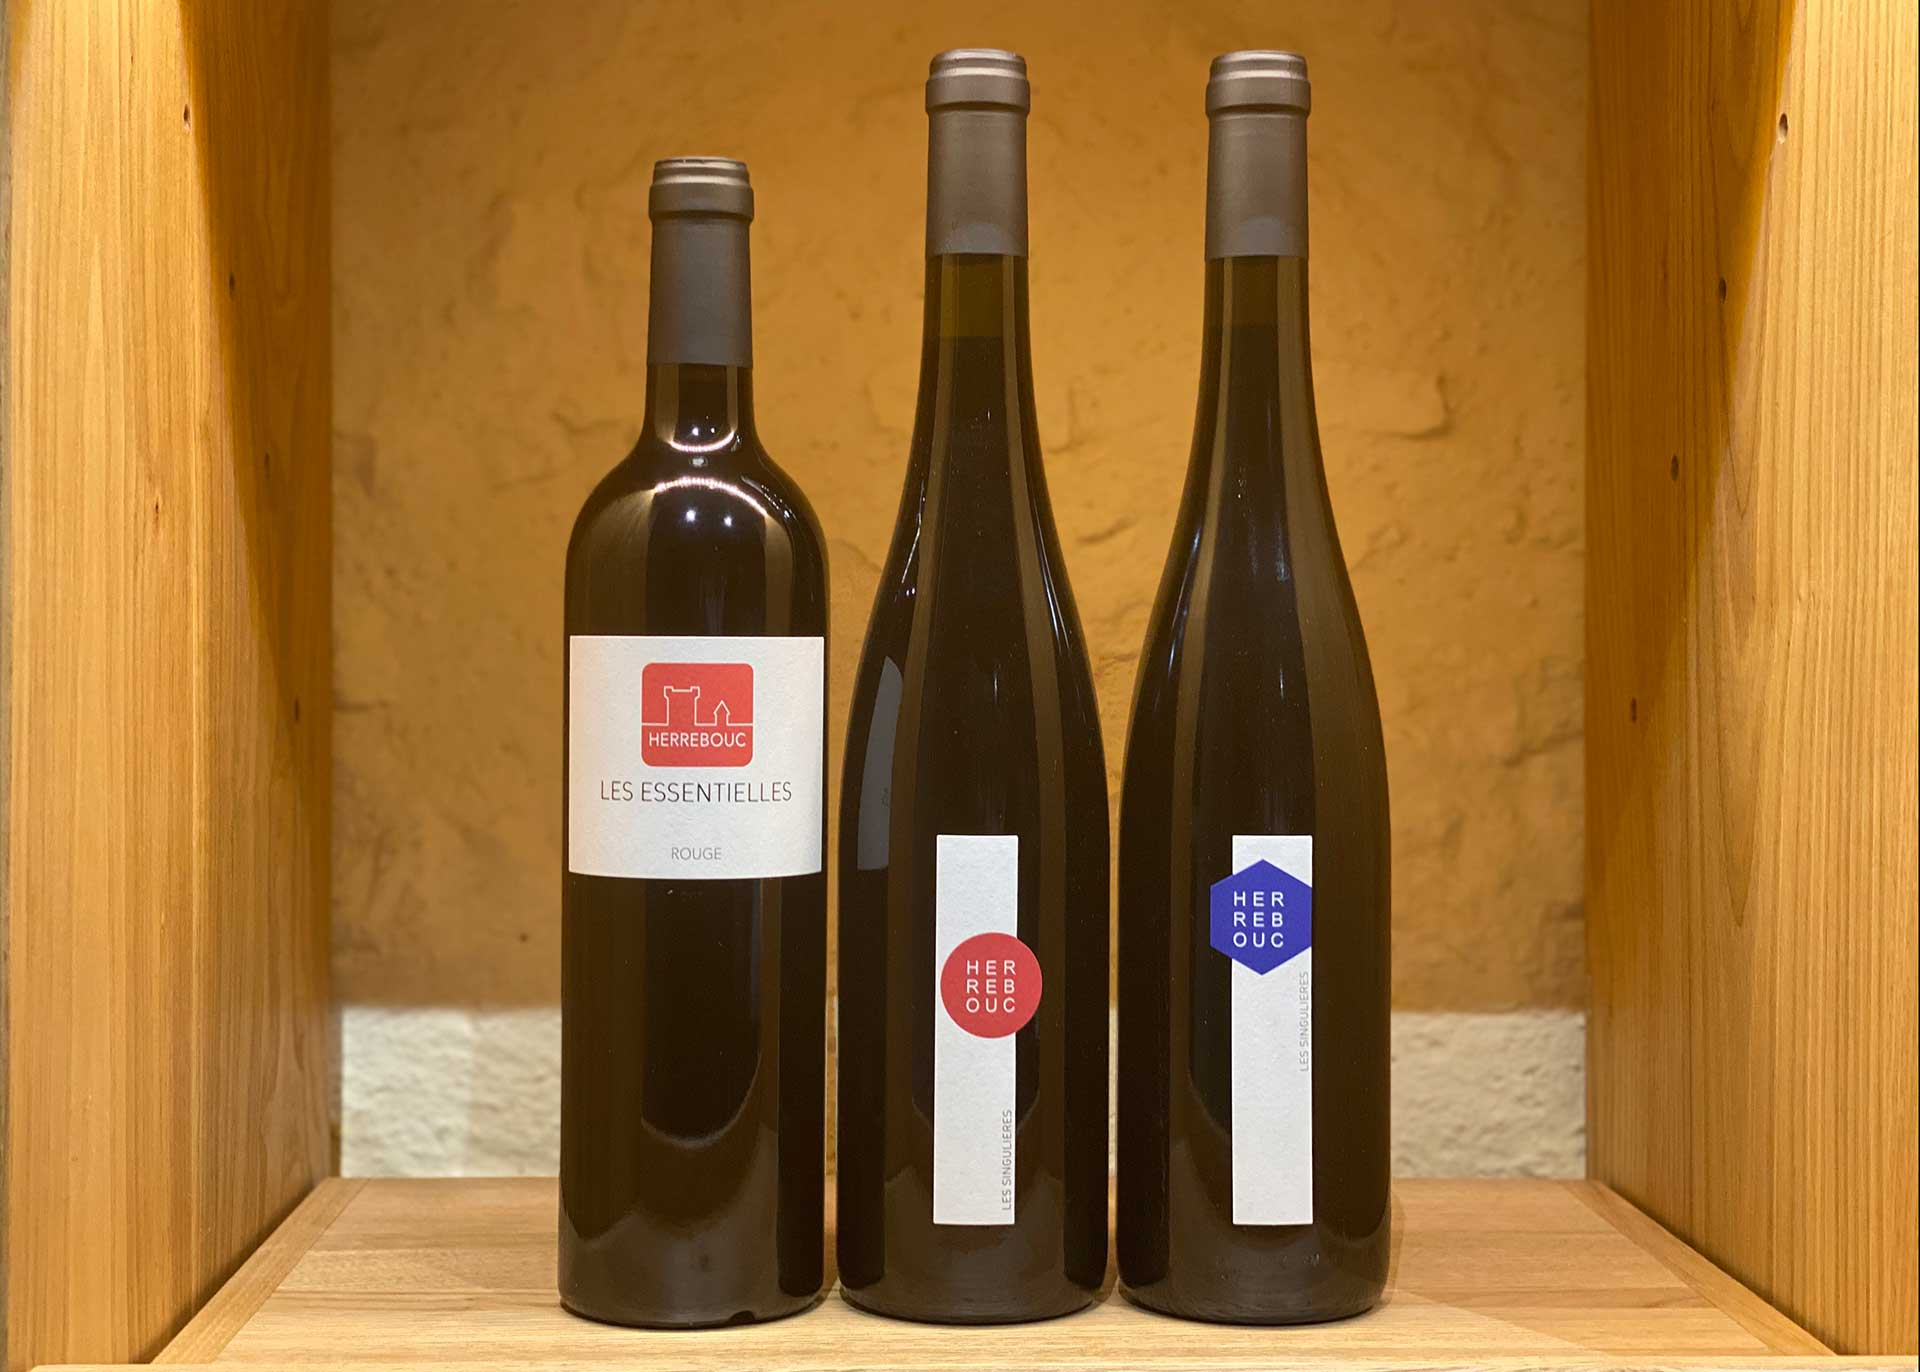 Trio de vins rouges du domaine de Herrebouc